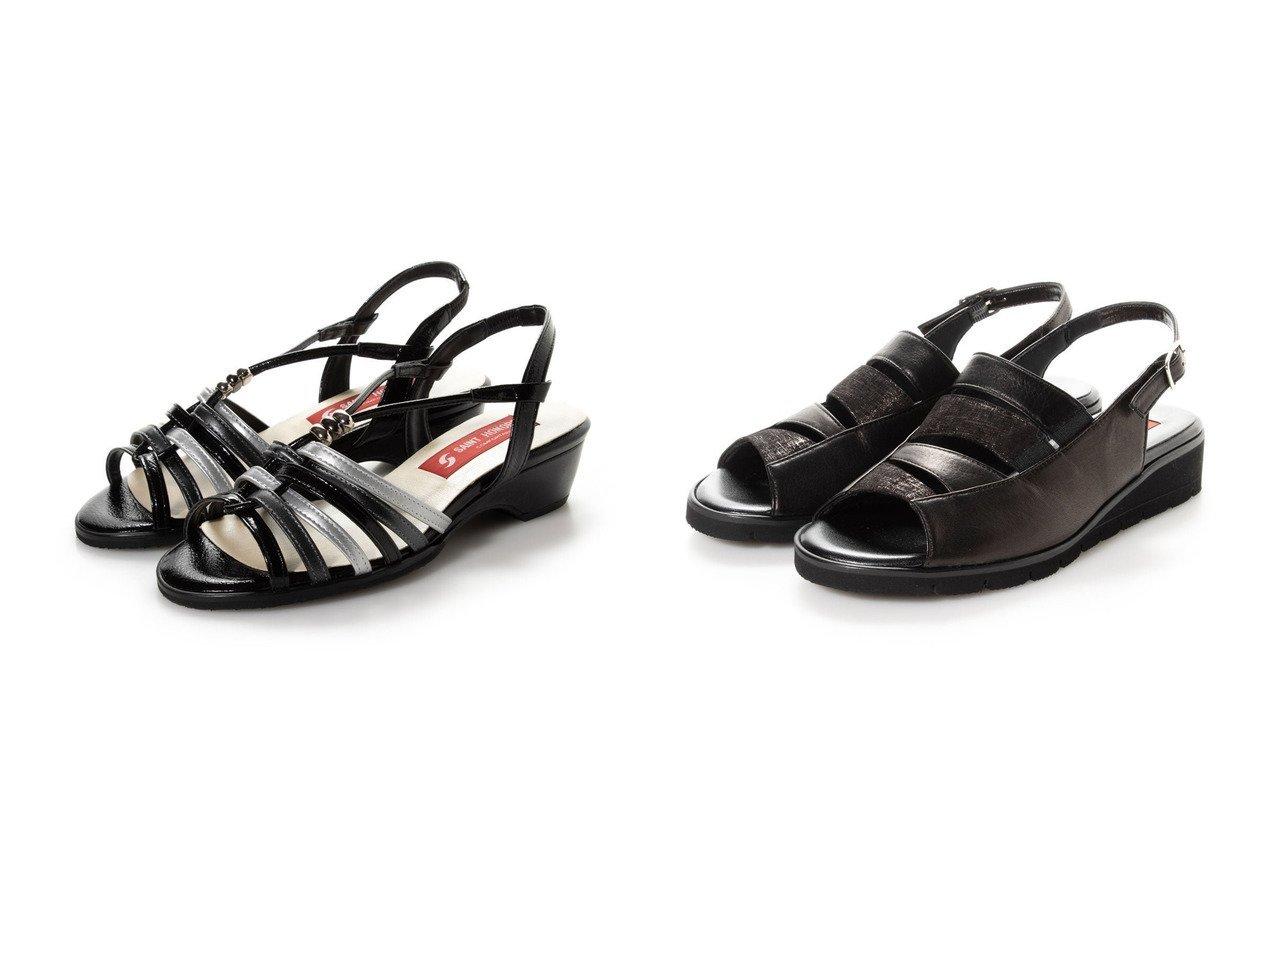 【Saint Honore/サントノーレ】のマルチカラーストラップデザインコンフォートサンダル&4E 楽ちんプリントレザー コンフォートサマーサンダル シューズ・靴のおすすめ!人気、トレンド・レディースファッションの通販 おすすめで人気の流行・トレンド、ファッションの通販商品 メンズファッション・キッズファッション・インテリア・家具・レディースファッション・服の通販 founy(ファニー) https://founy.com/ ファッション Fashion レディースファッション WOMEN 2021年 2021 2021 春夏 S/S SS Spring/Summer 2021 S/S 春夏 SS Spring/Summer サンダル フラット ラップ 春 Spring おすすめ Recommend インソール プリント 楽ちん |ID:crp329100000022555